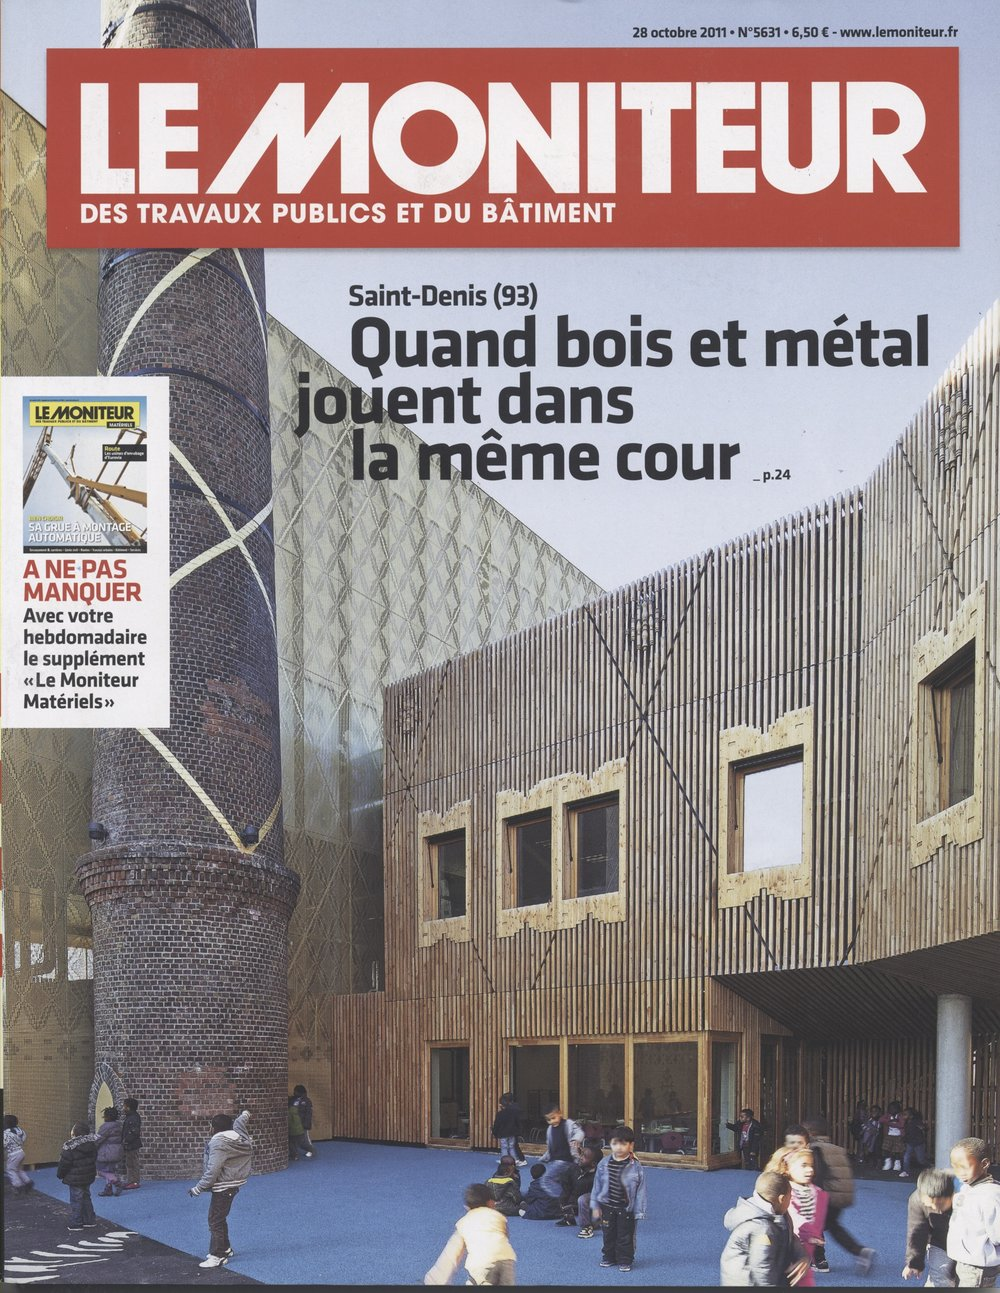 Adeo Moniteur n¯5631 - oct 2011 - .jpg